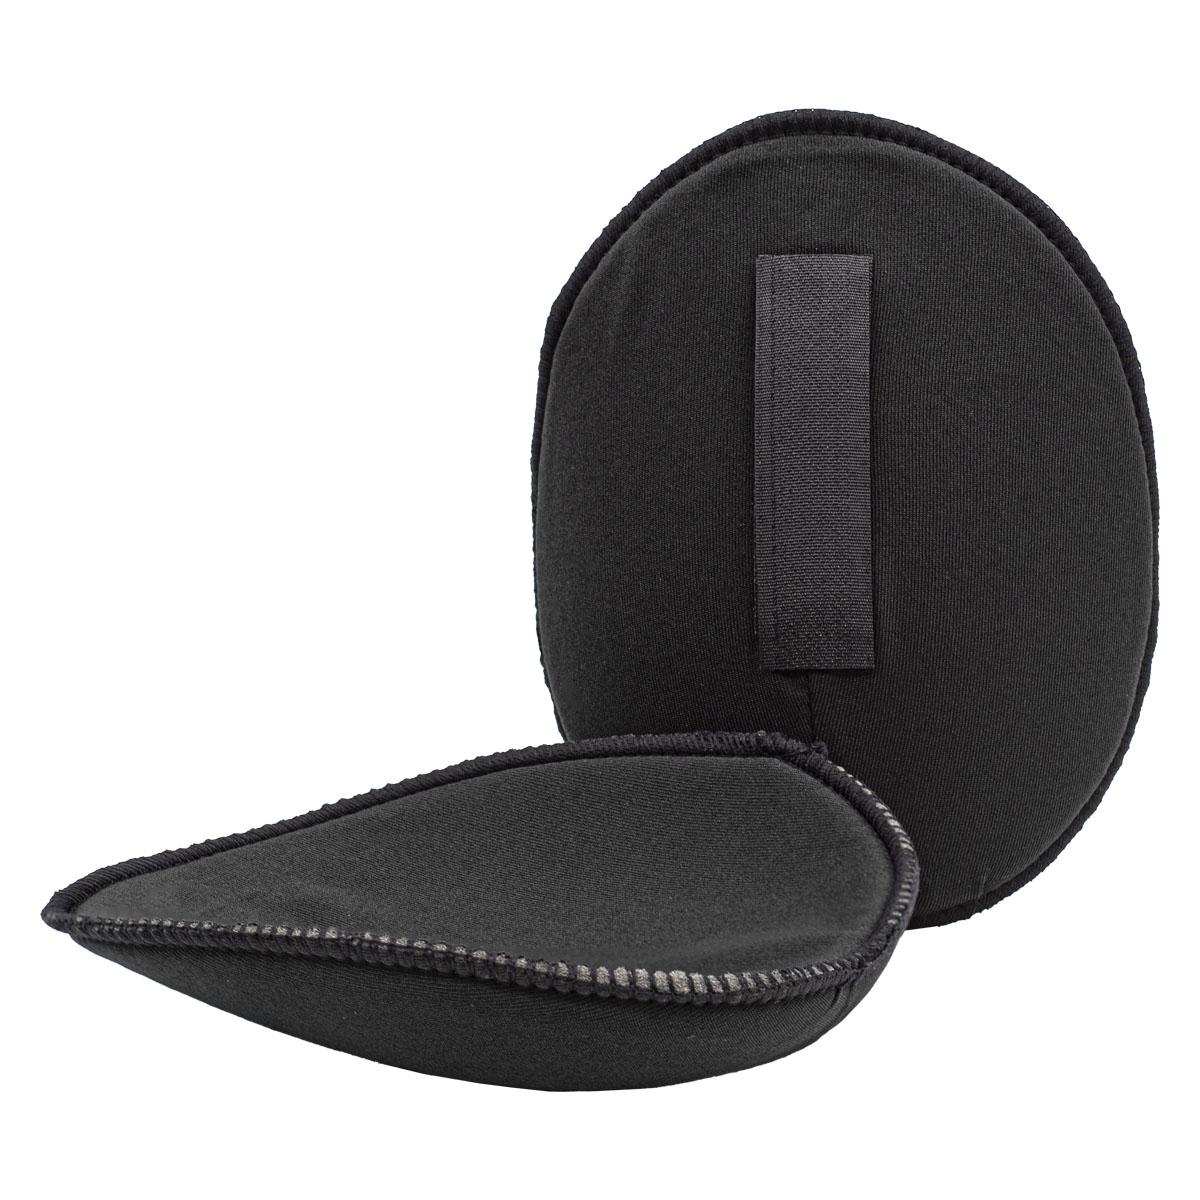 993837 Плечевые накладки с липучкой (M-L), реглан, черный, 115*150*11 мм, упак./5 пар, Prym